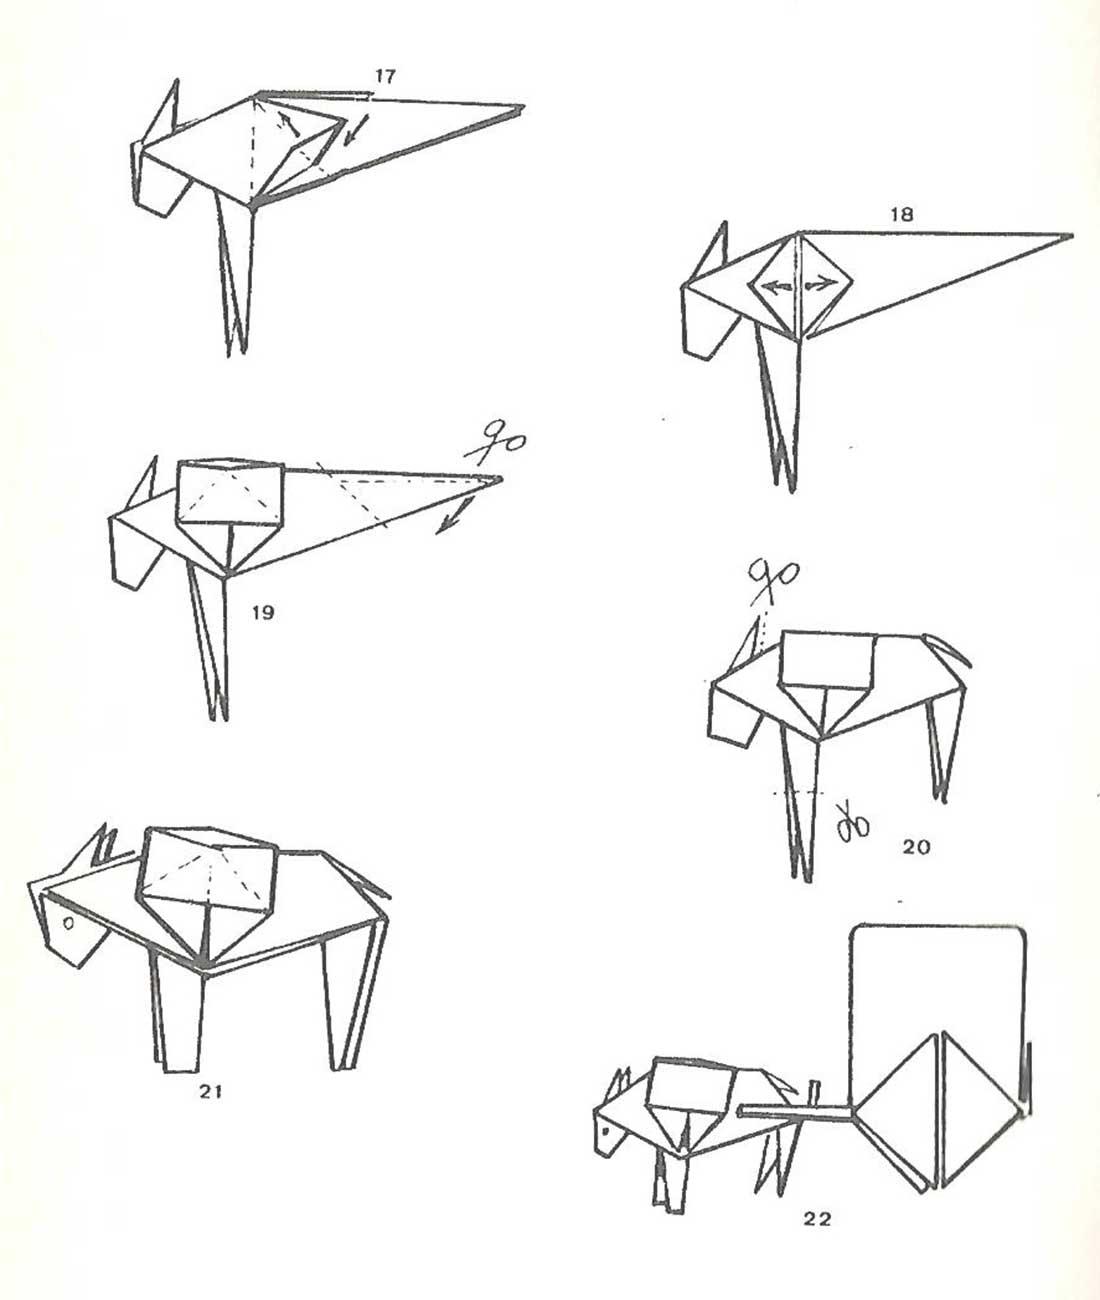 burros, asnos, origami, alforjas, juguetes de papel